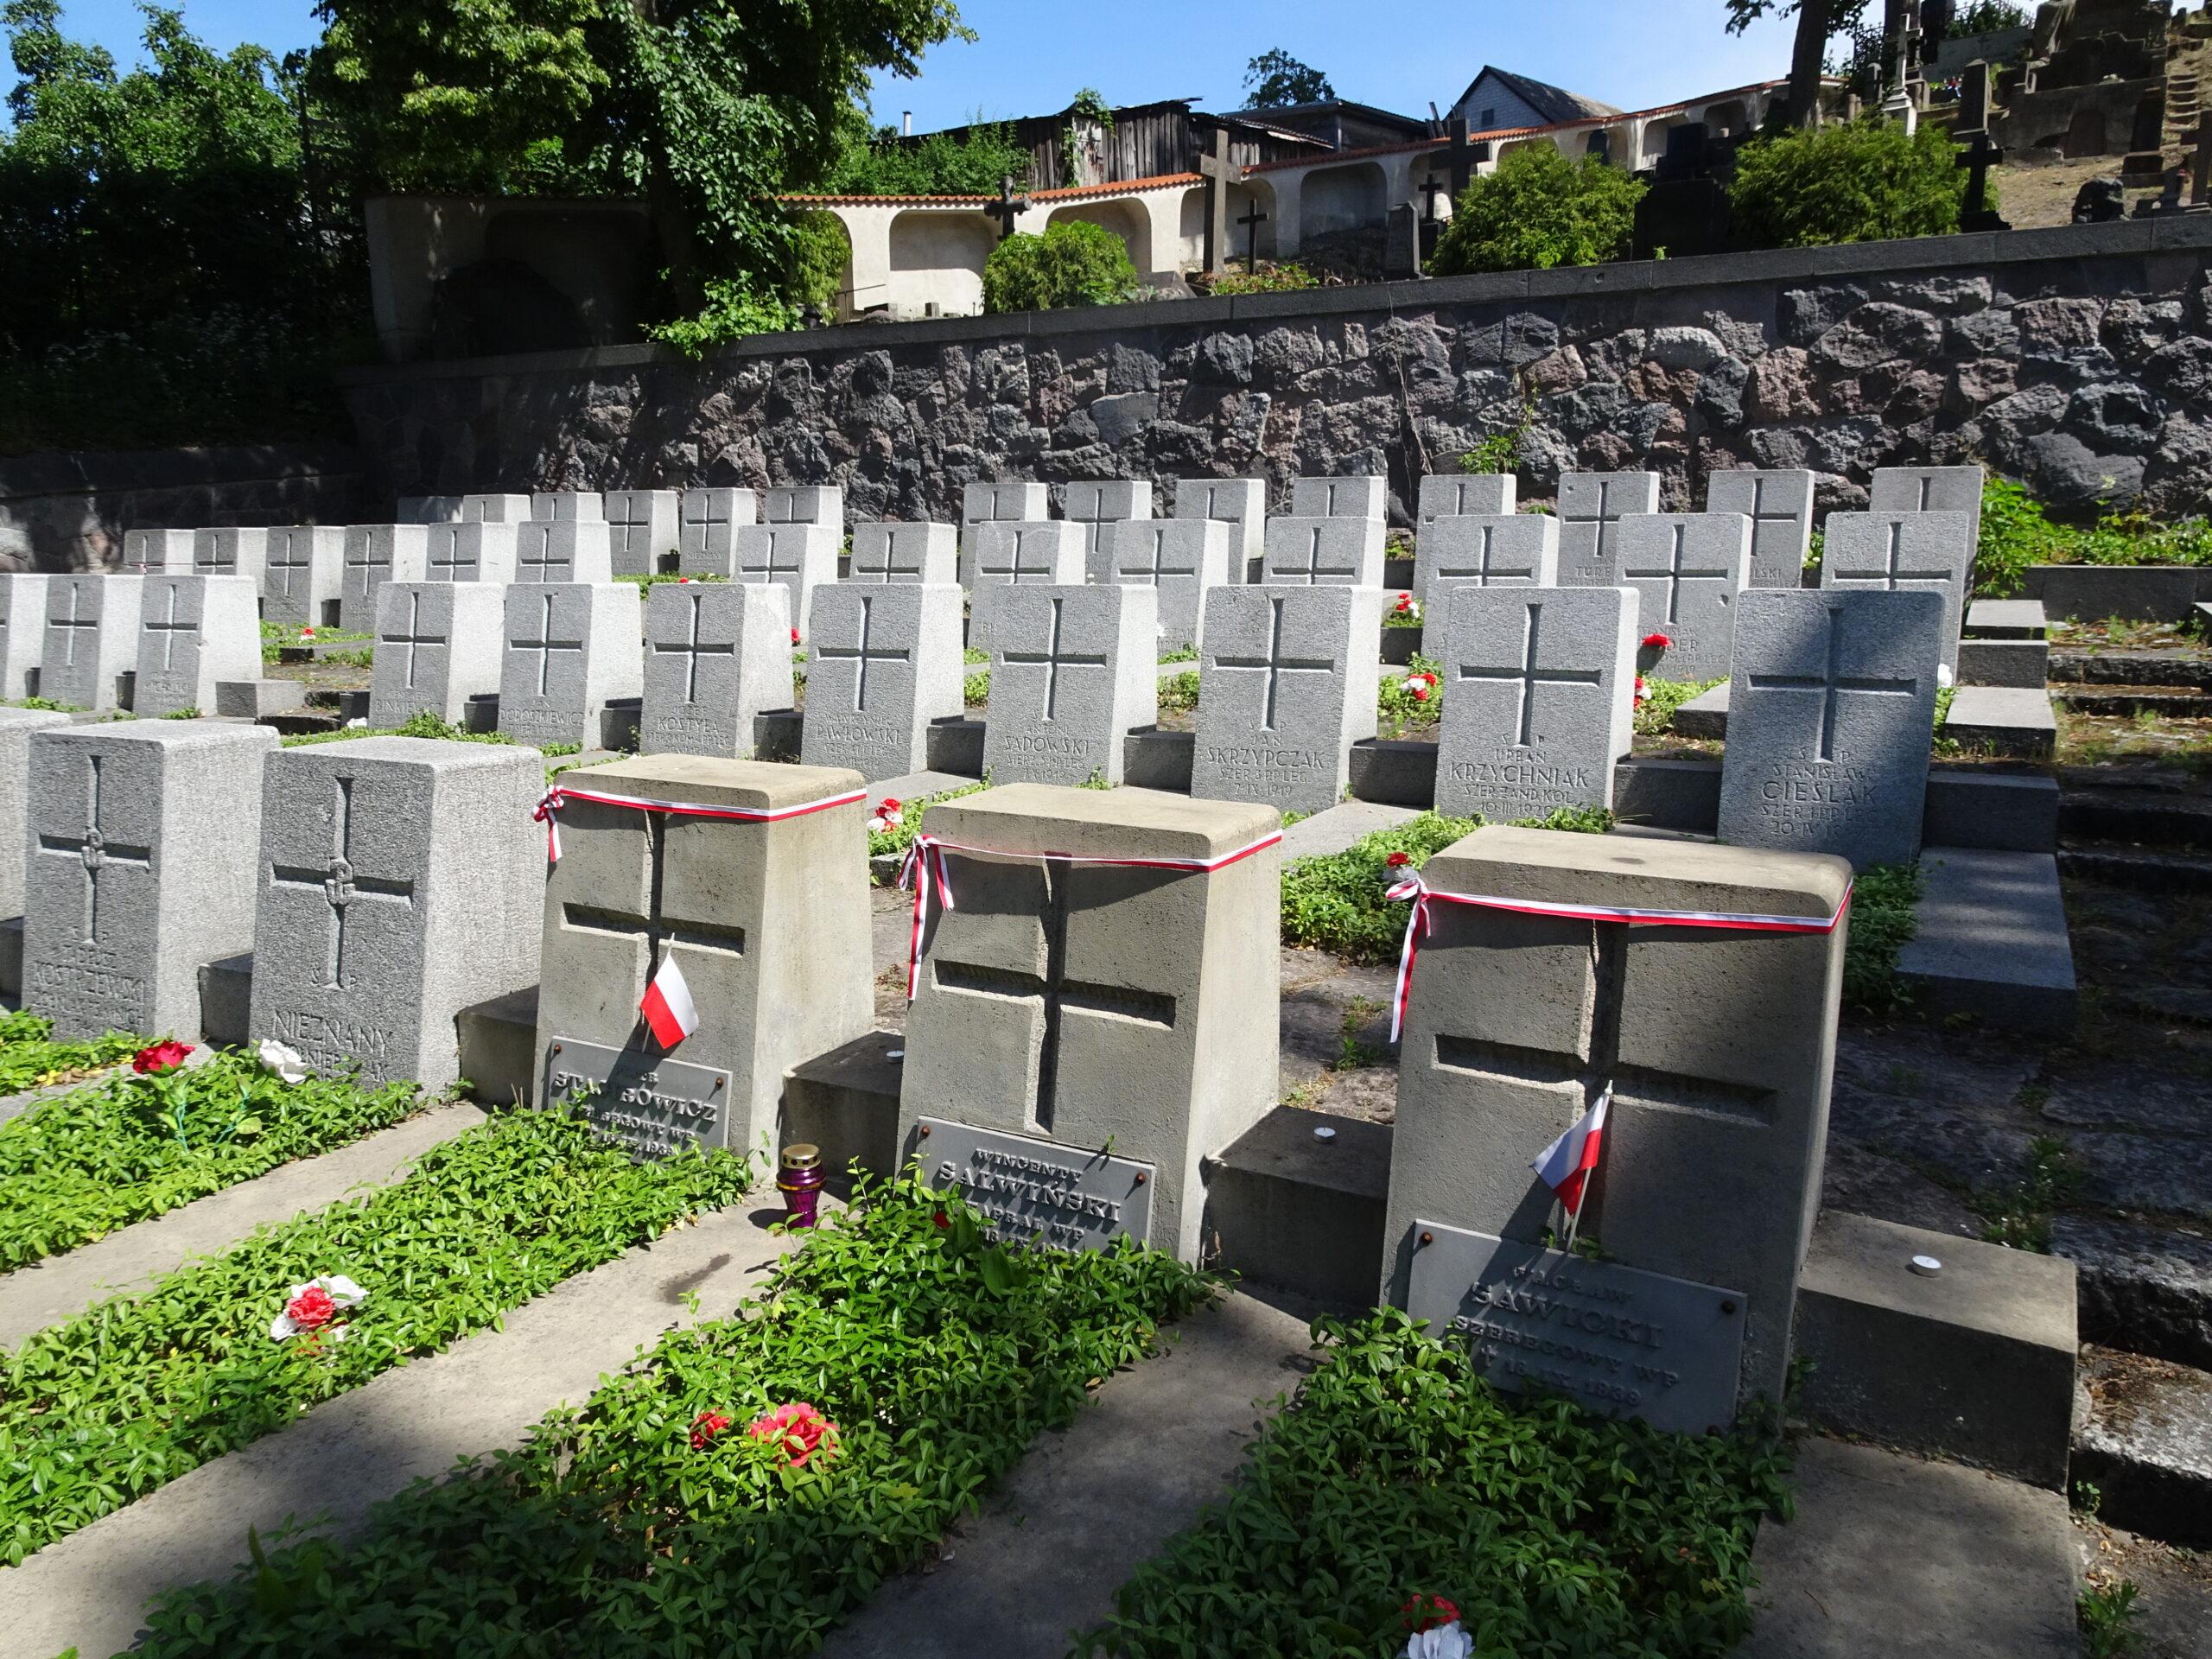 Podróże z duszą: 76 rocznica wybuchu powstania wileńskiego 7 lipiec 2020 rok